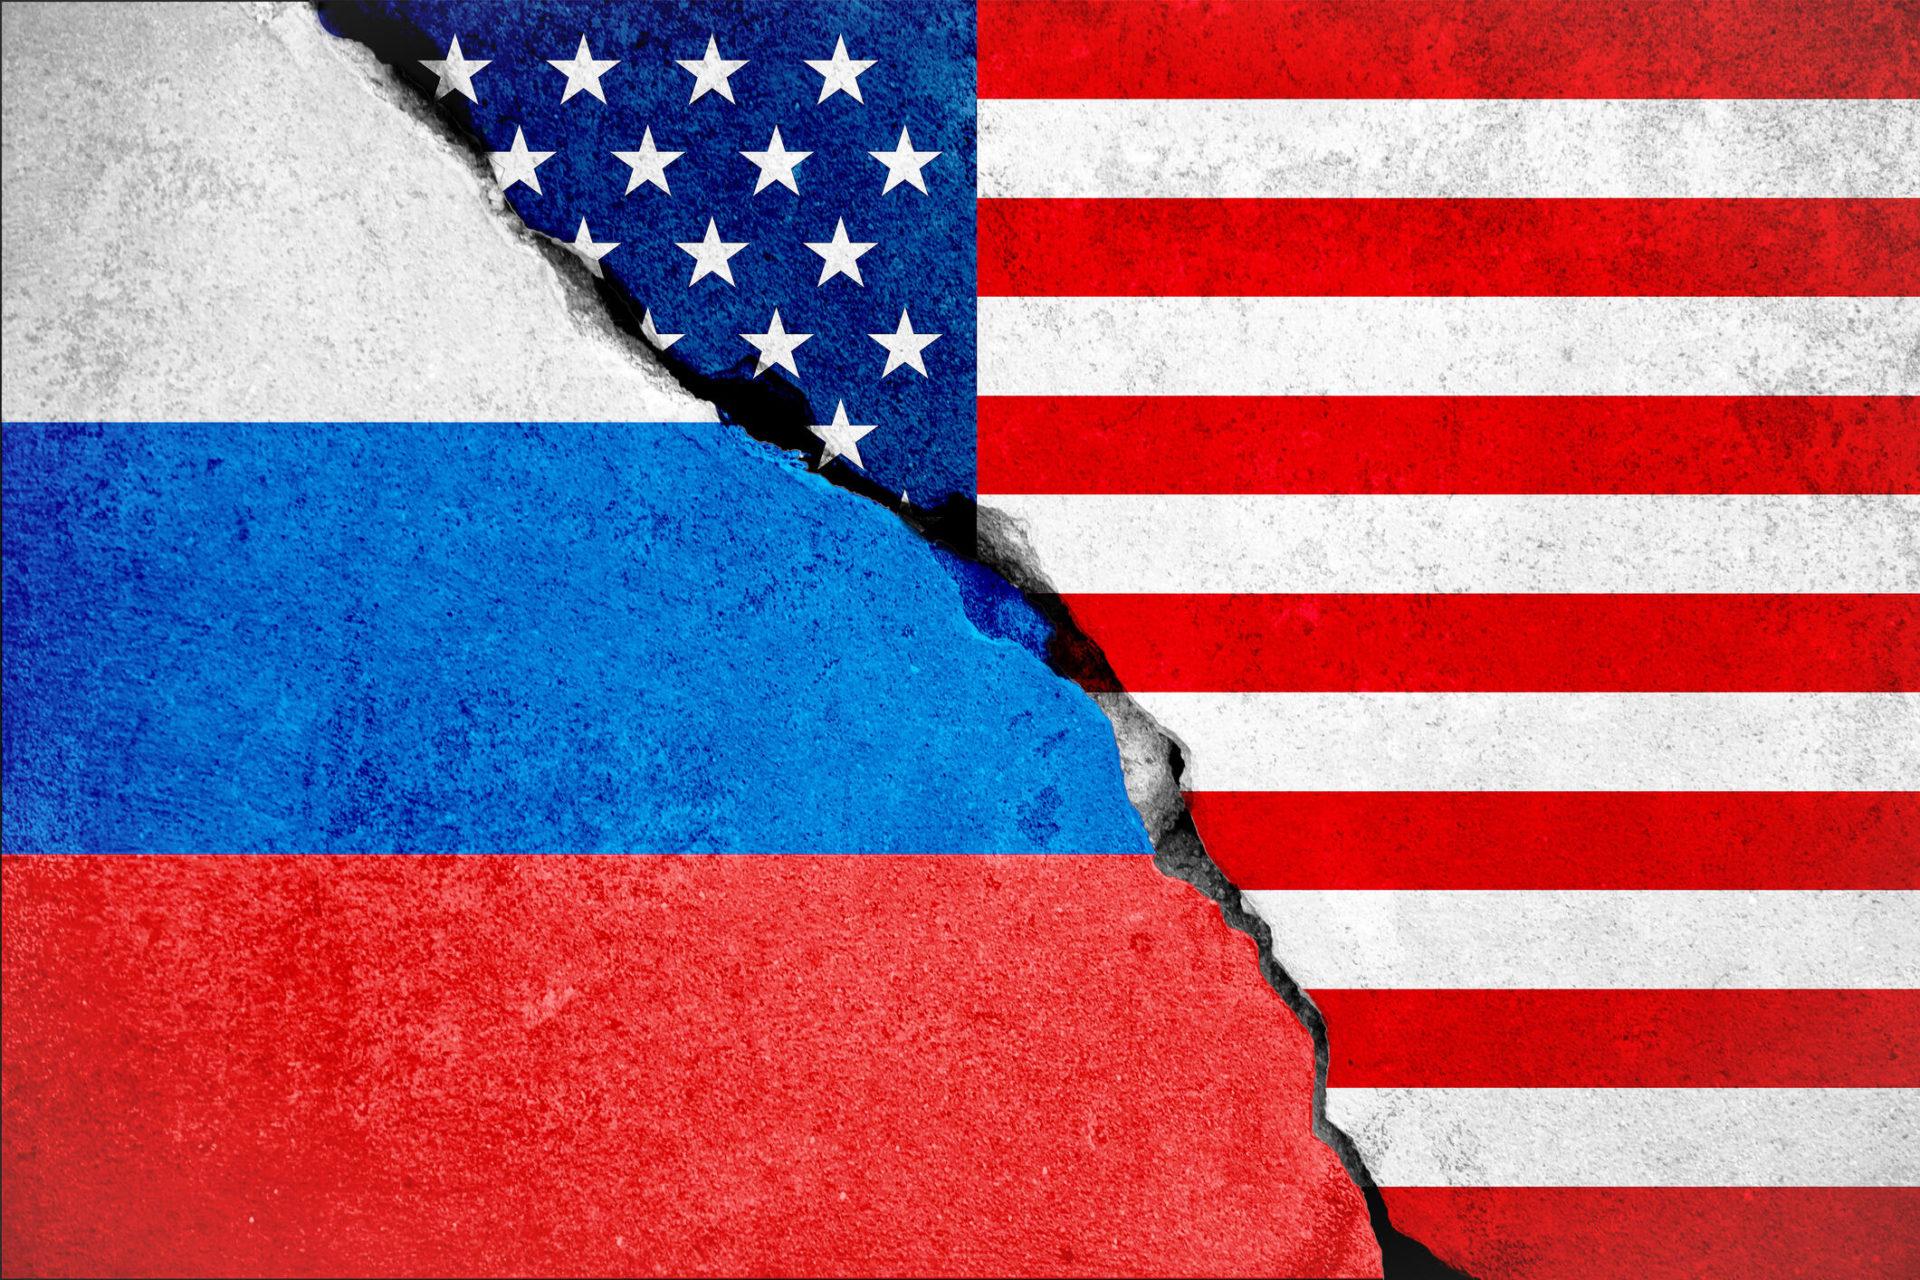 Военный эксперт Евсеев назвал США провокатором конфликта между Украиной и РФ